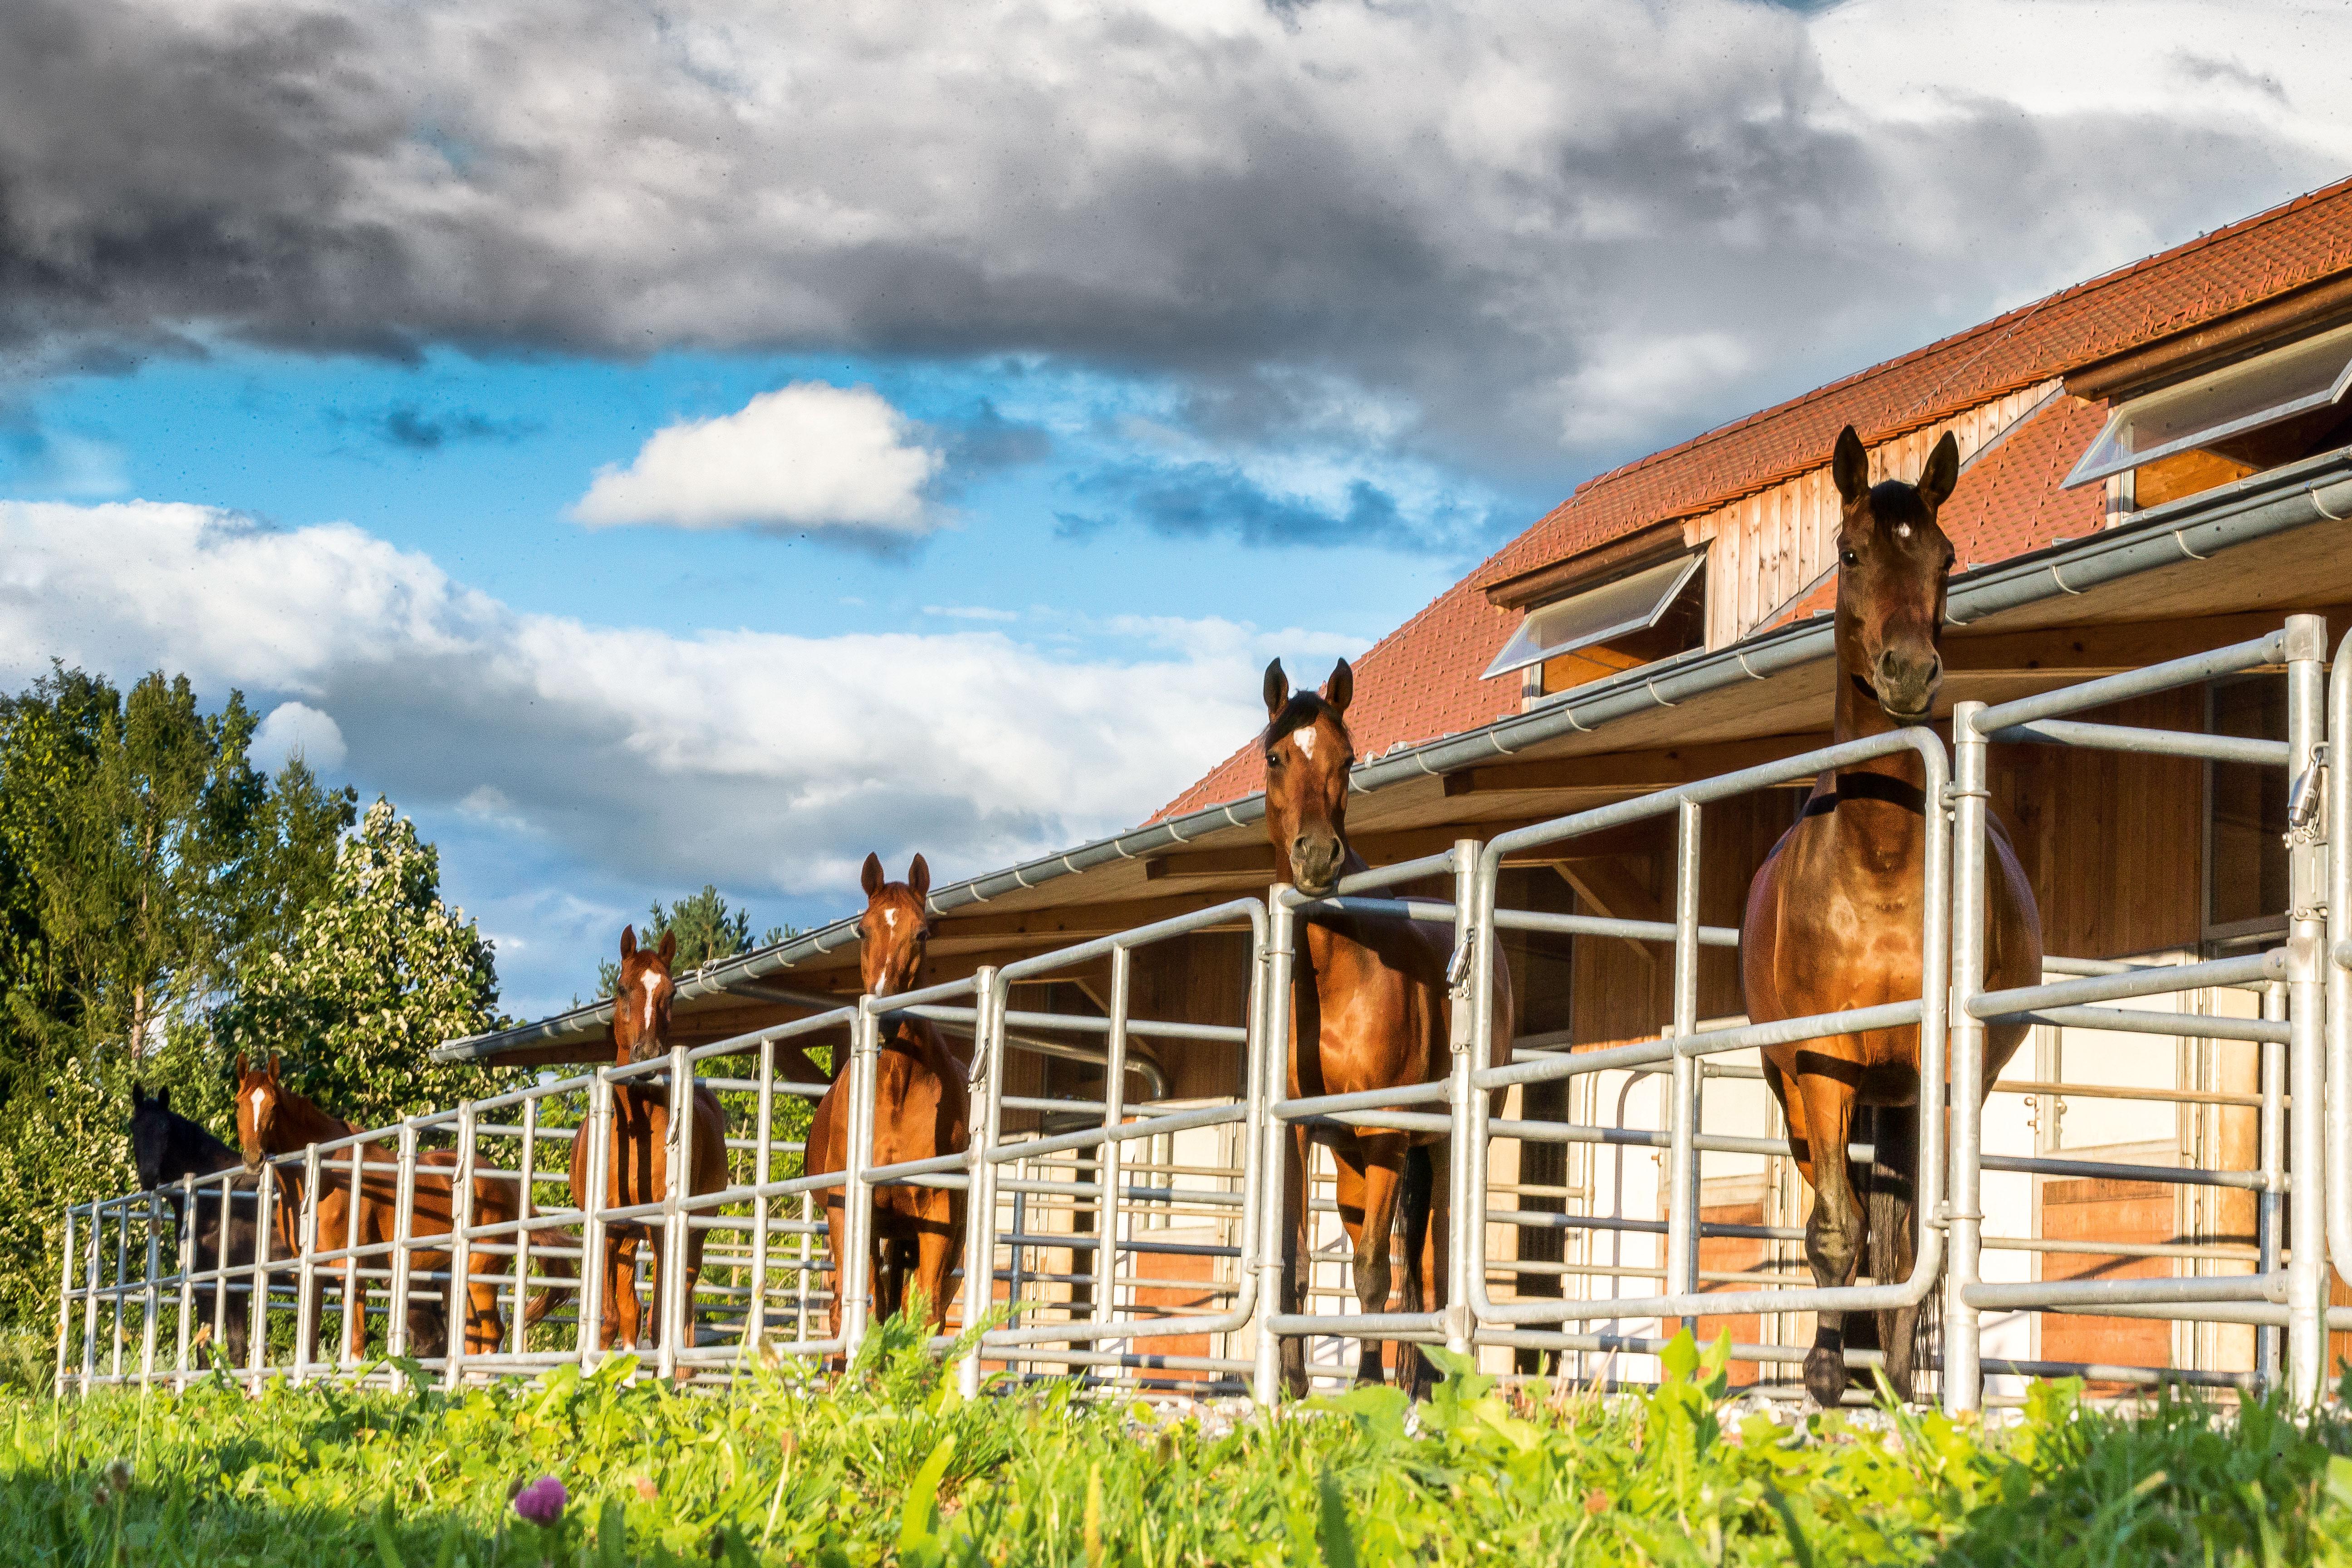 Luxus Pferdestall vom traum den eigenen pferdestall zu bauen st georg